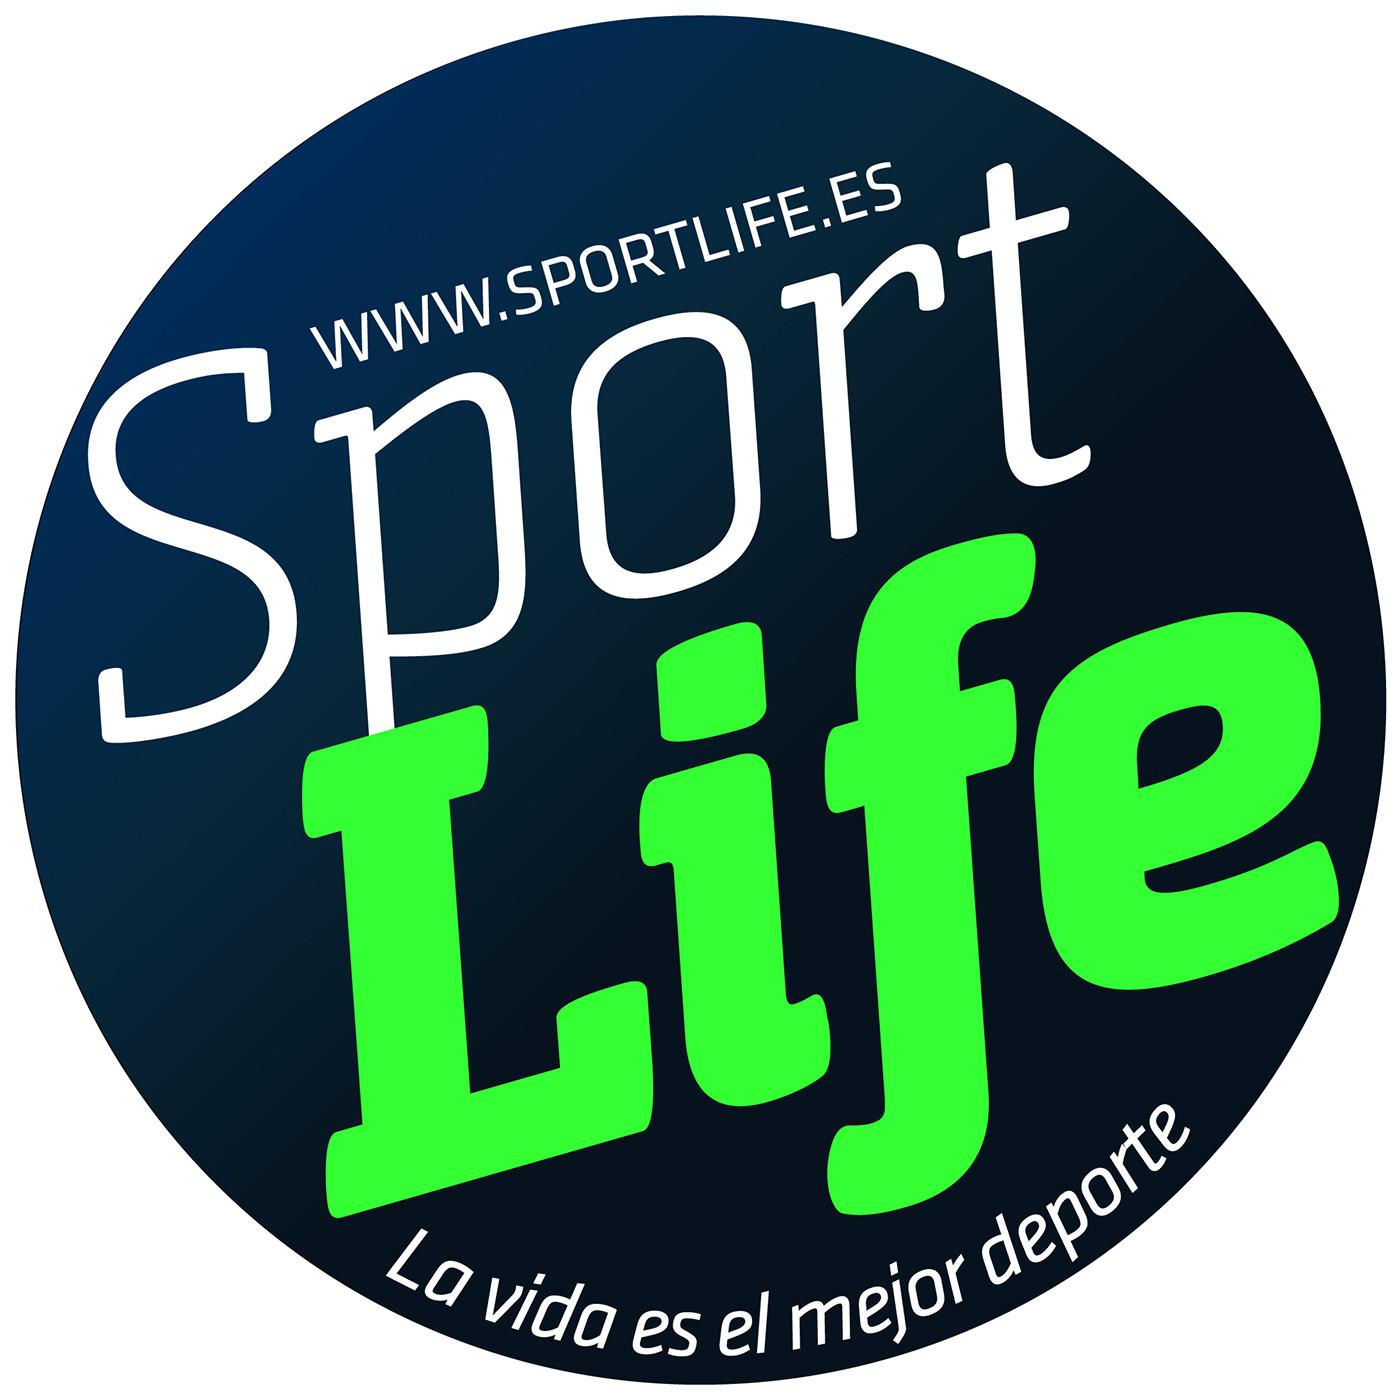 Sportlaif